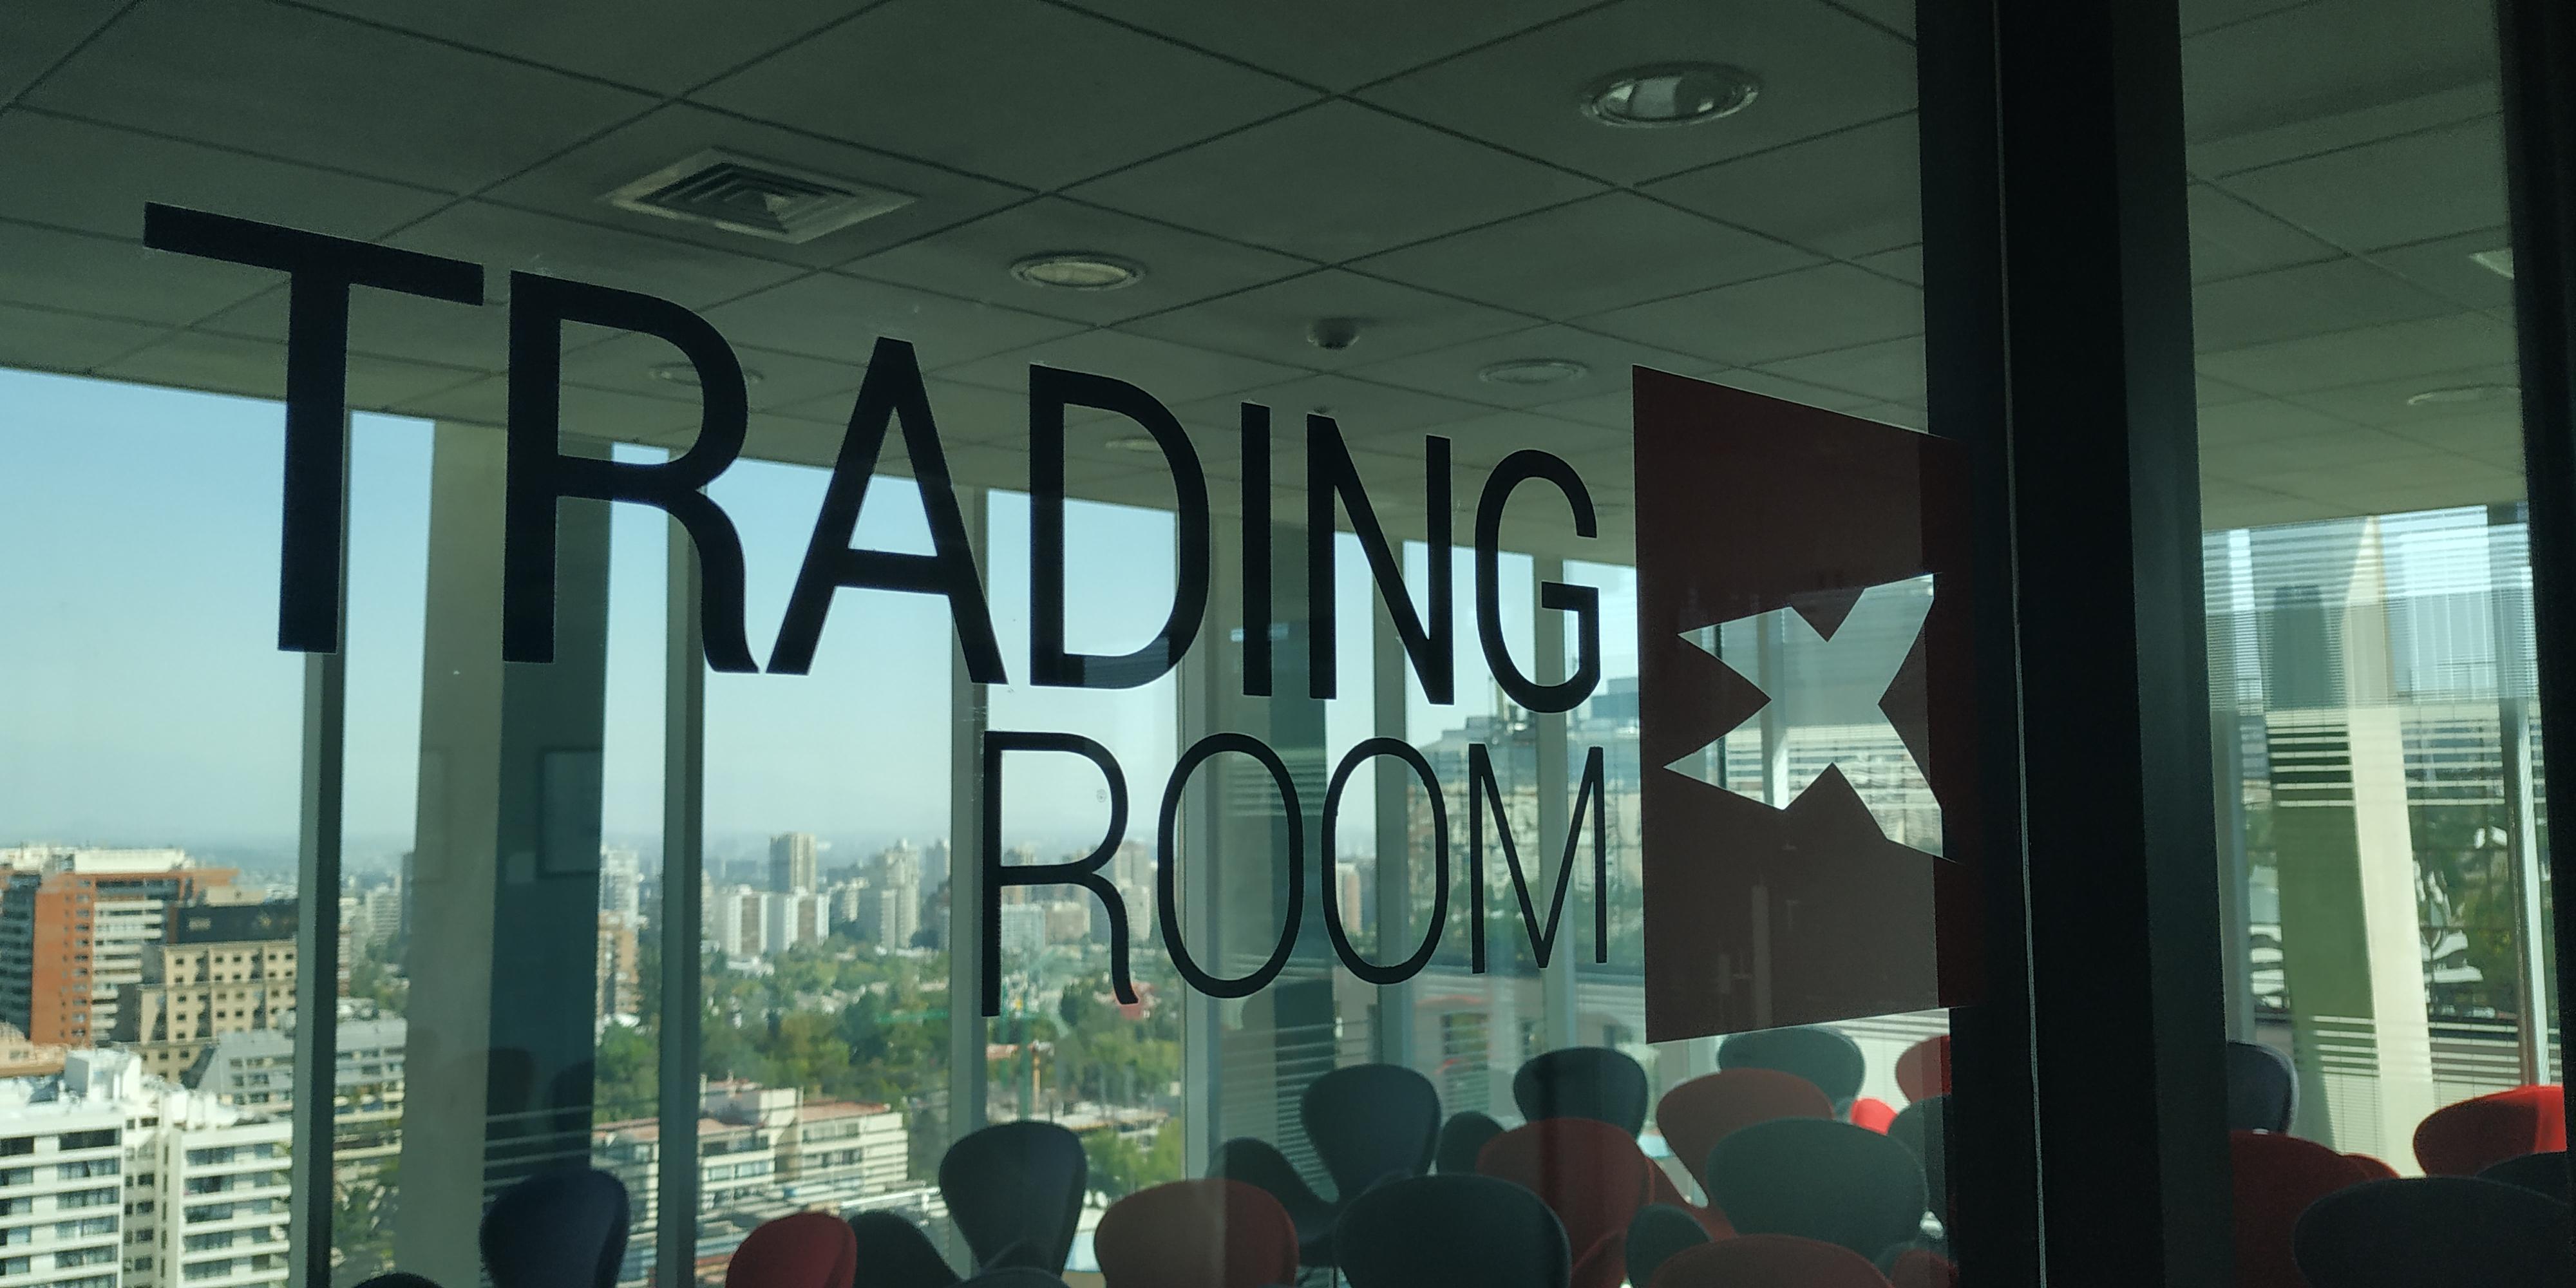 XTB trader ROOM